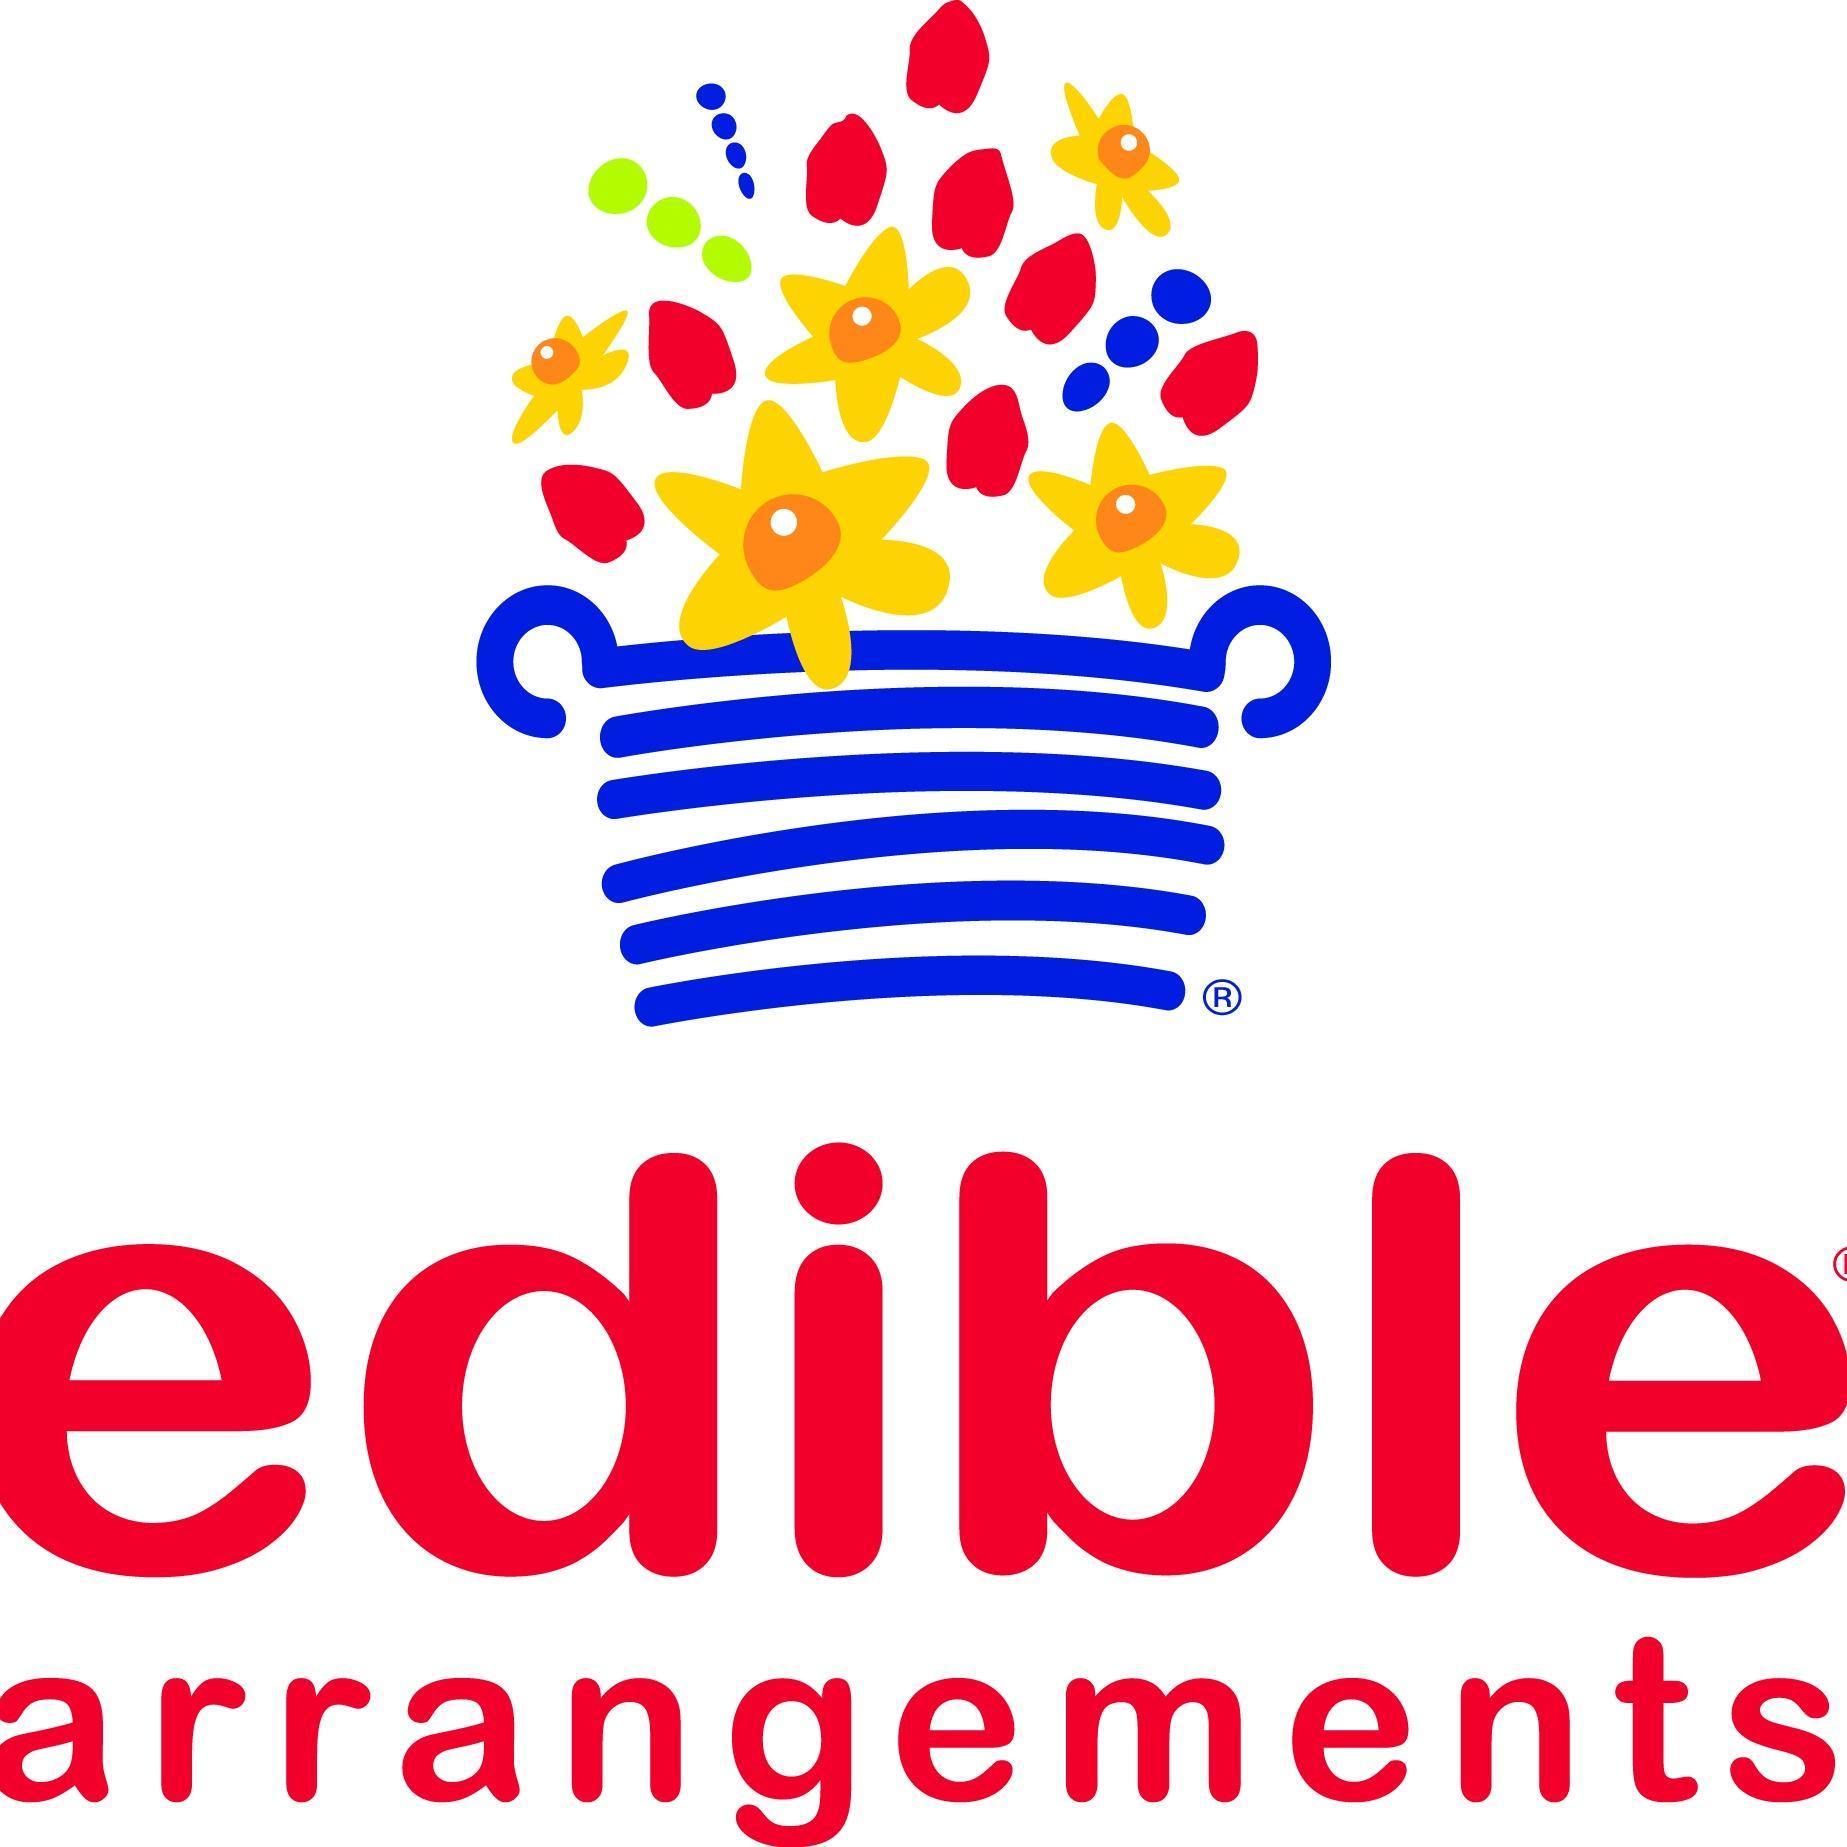 Edible Arrangements In Homestead Fl 33033